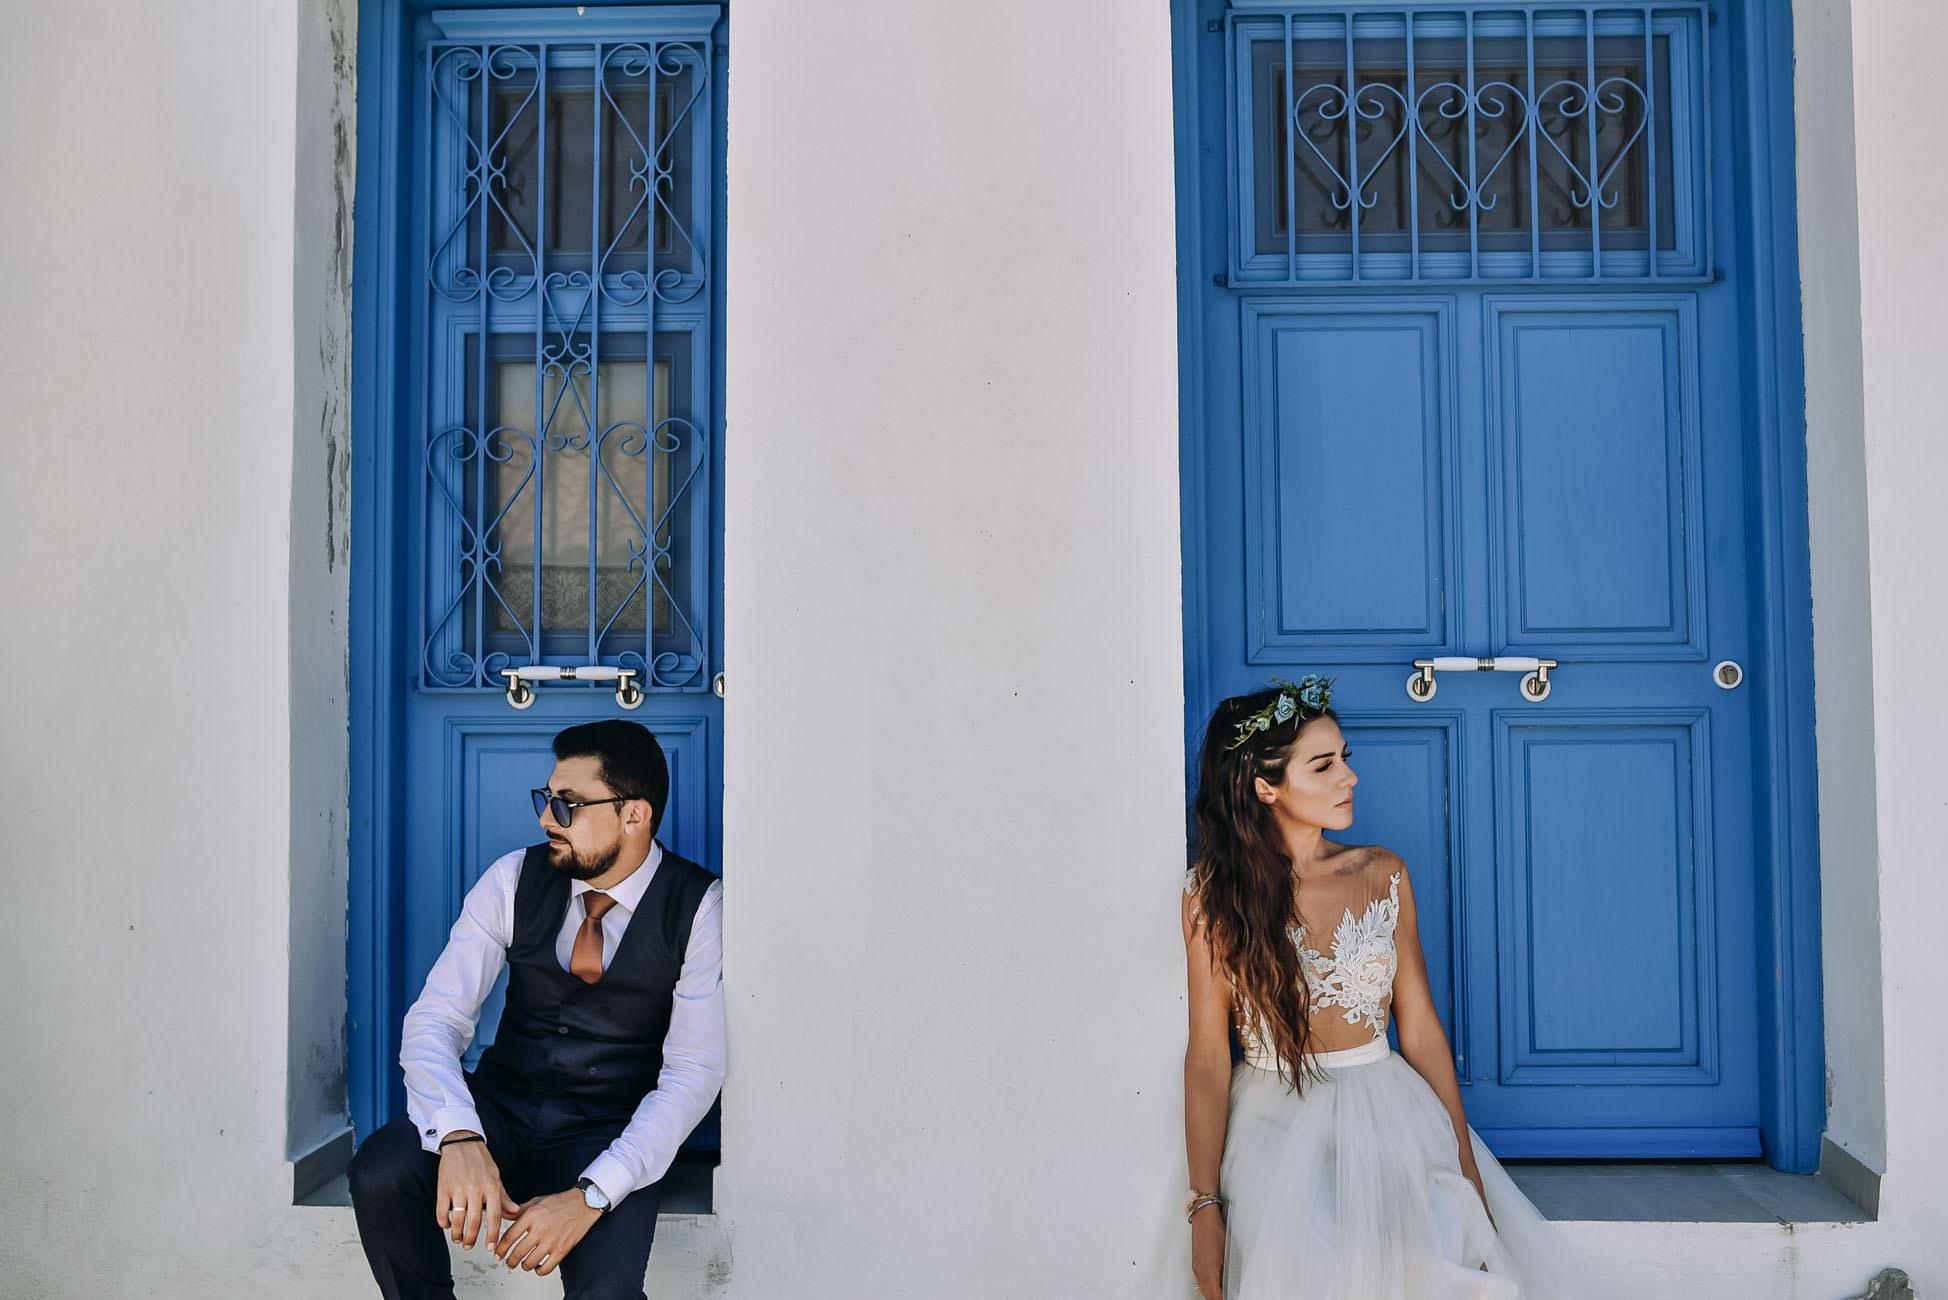 Κώστας & Γιάννα  // Alexoudis Photography